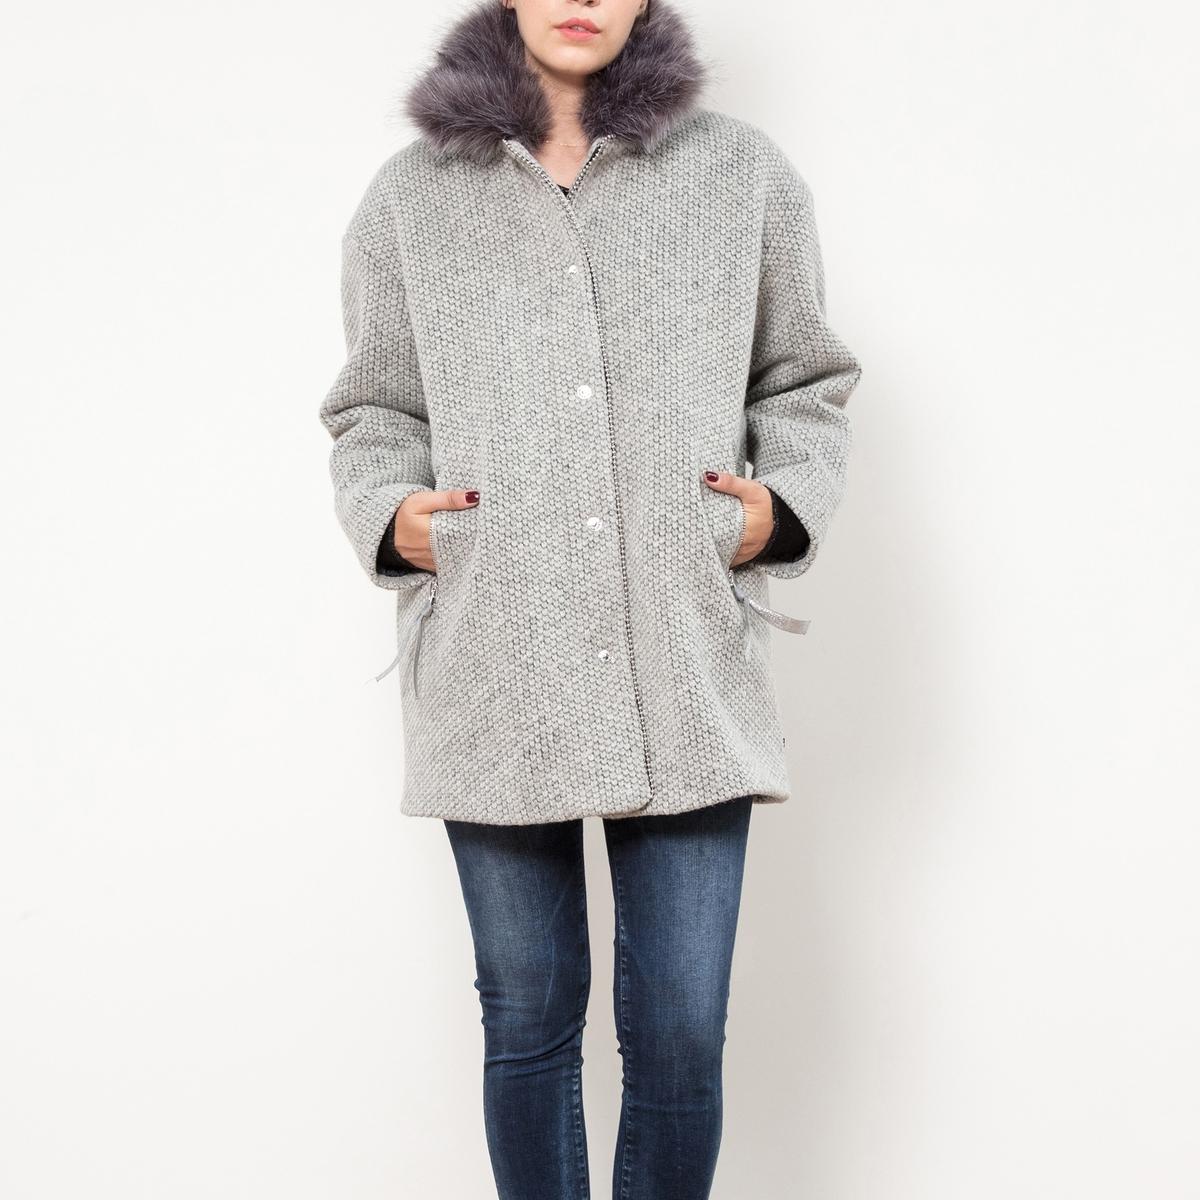 Пальто короткое, воротник с искусственный мехом пальто из меха норки с отделкой мехом енота